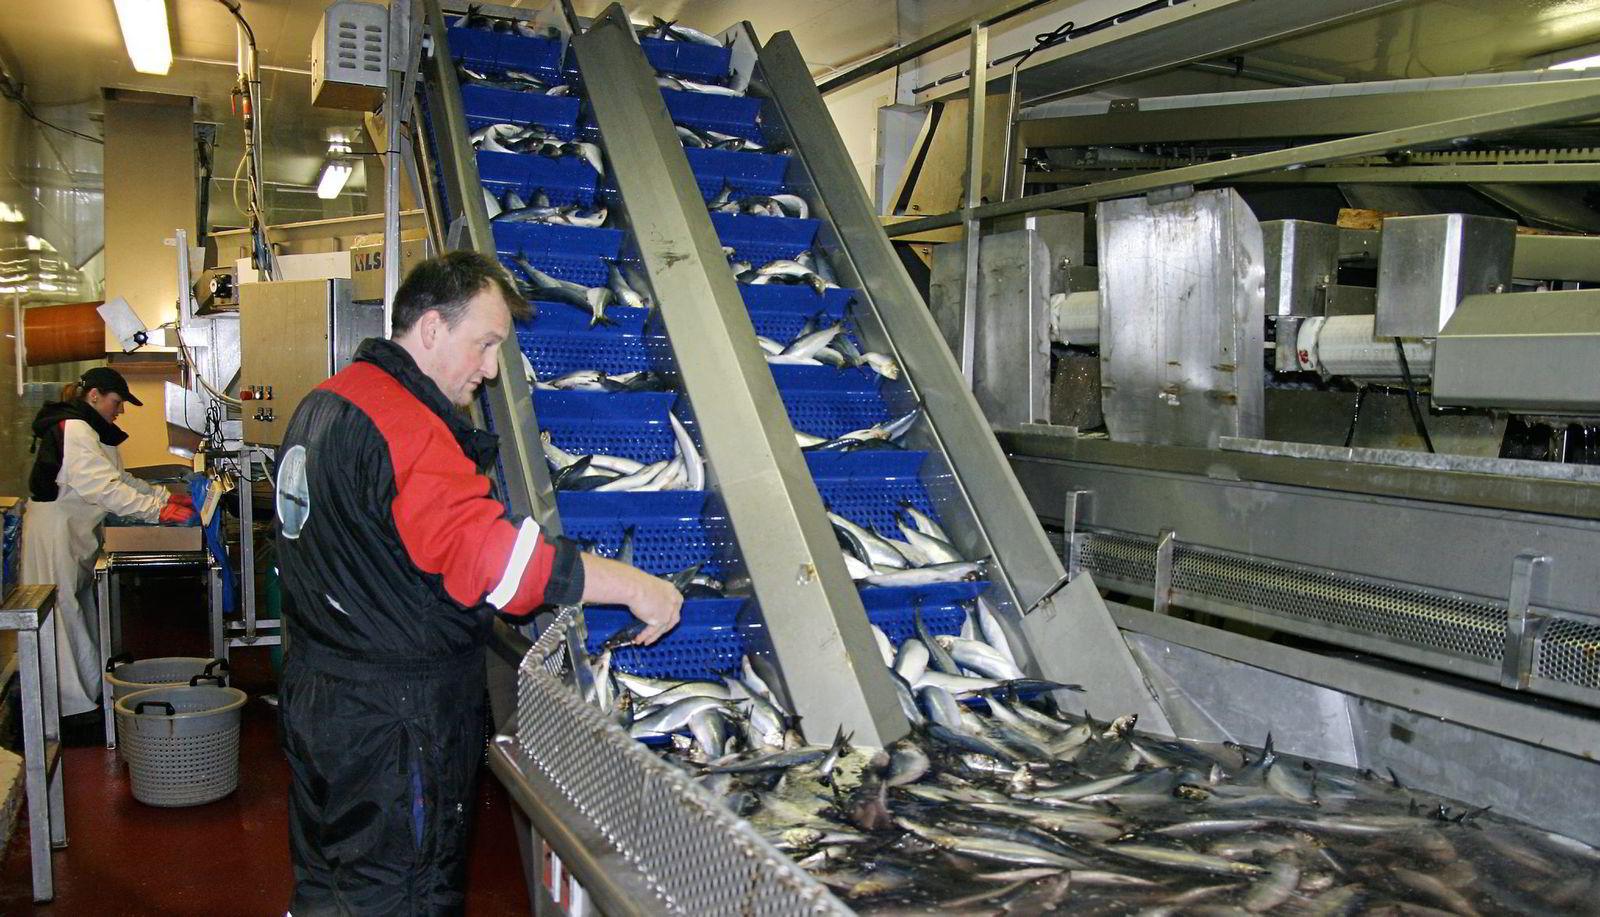 KVALITETSSJEKK. Produksjonssjef Lorentz Hardy sjekker sild. Nå er det full stans i produksjonen.